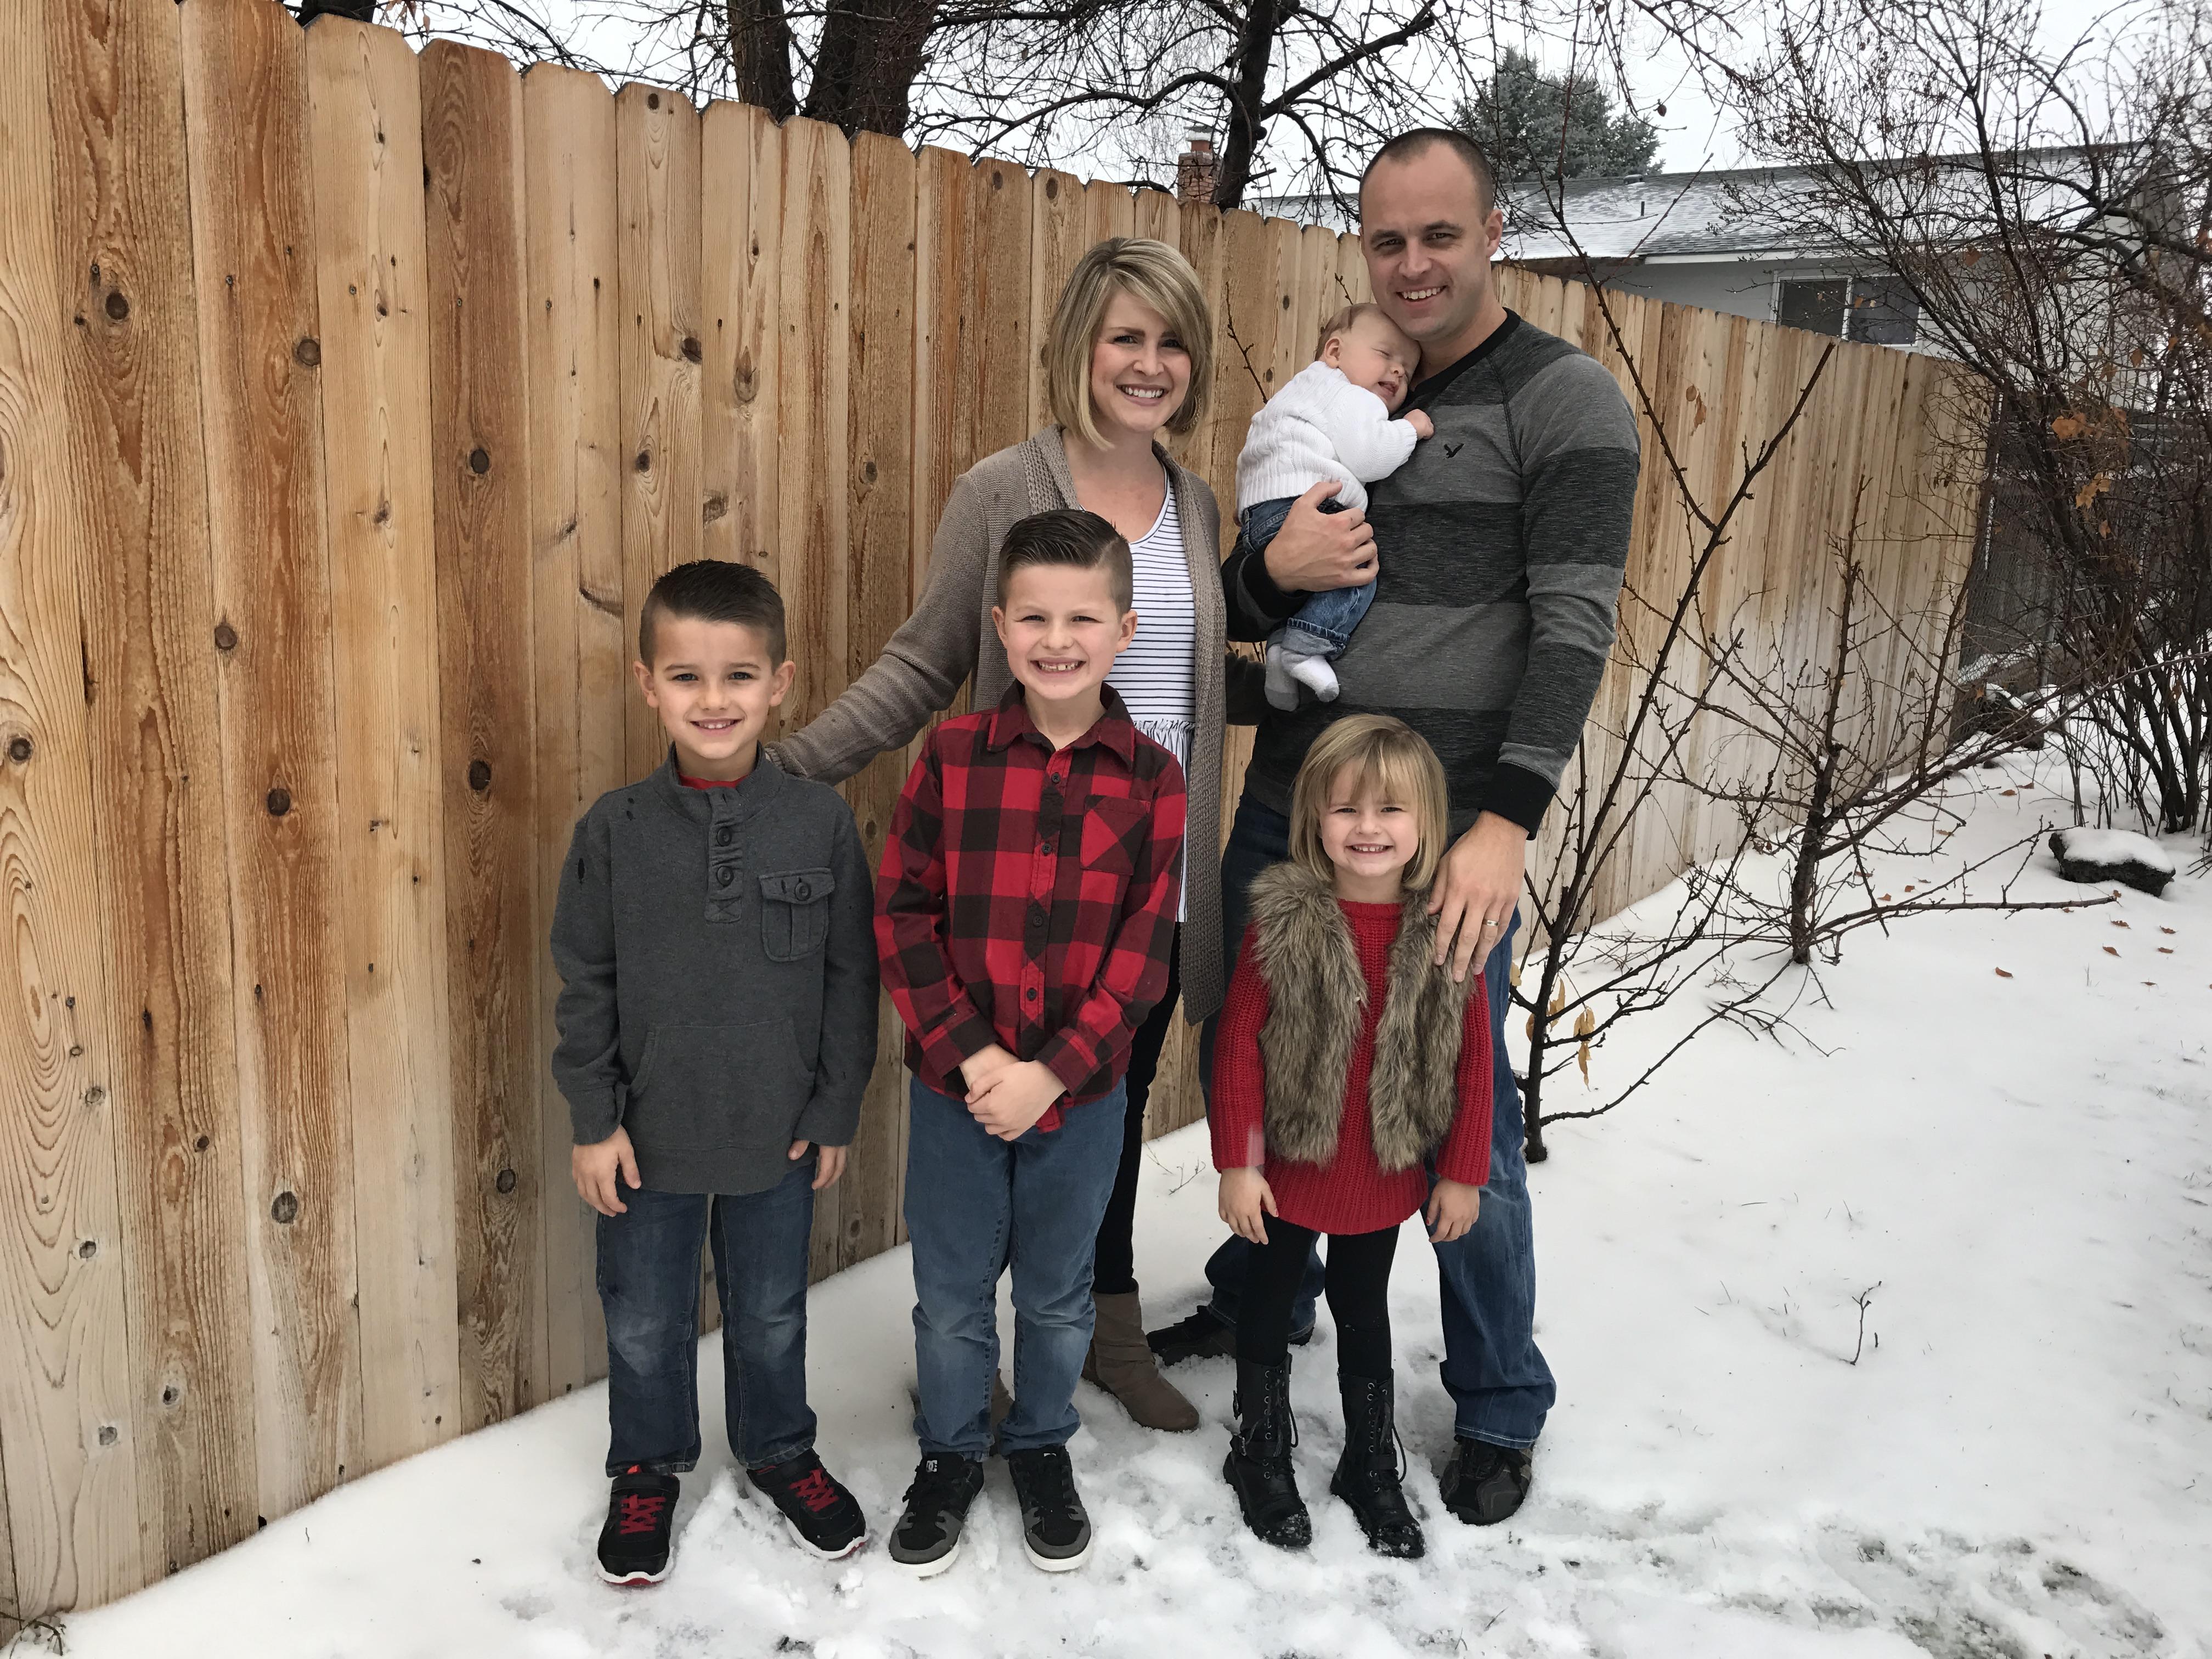 Mark Gould Family Photo